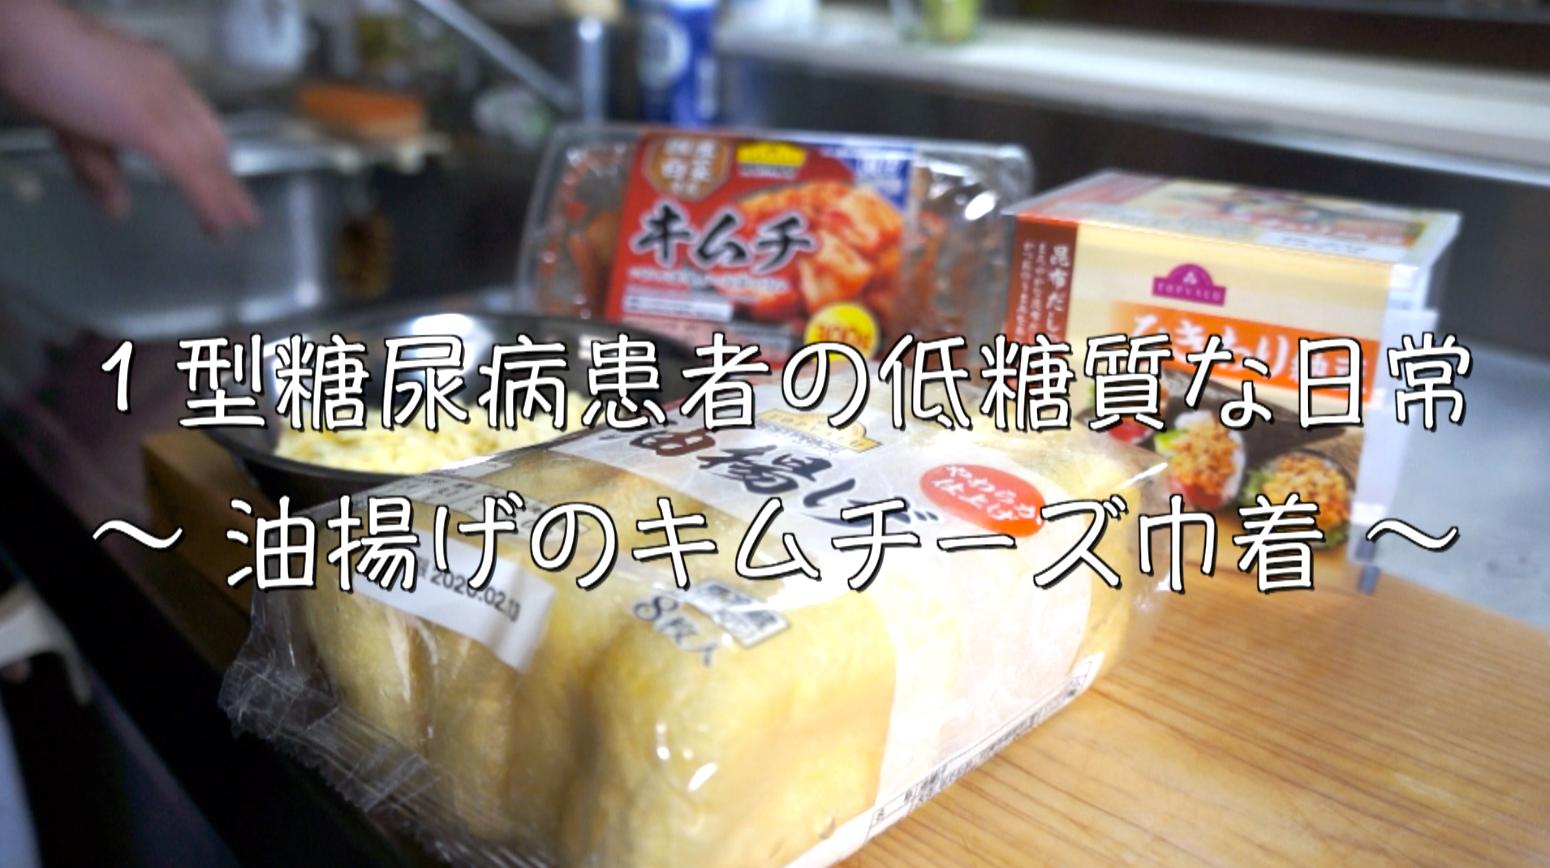 油揚げ 納豆 糖質制限 レシピ